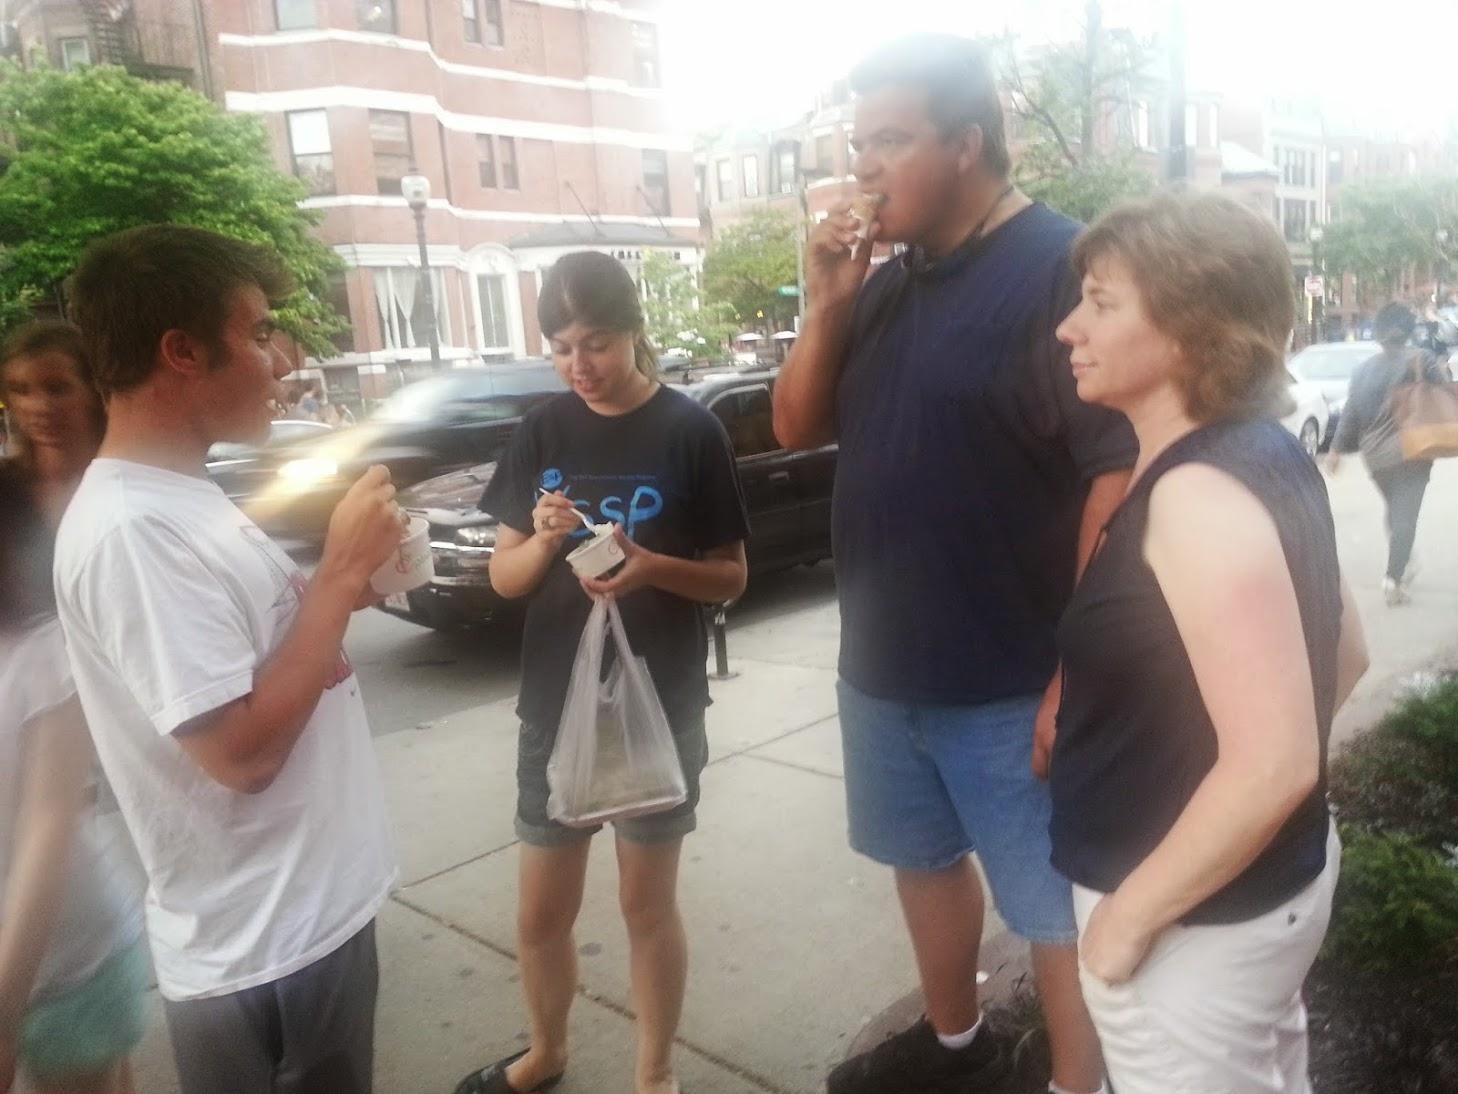 Family in Boston